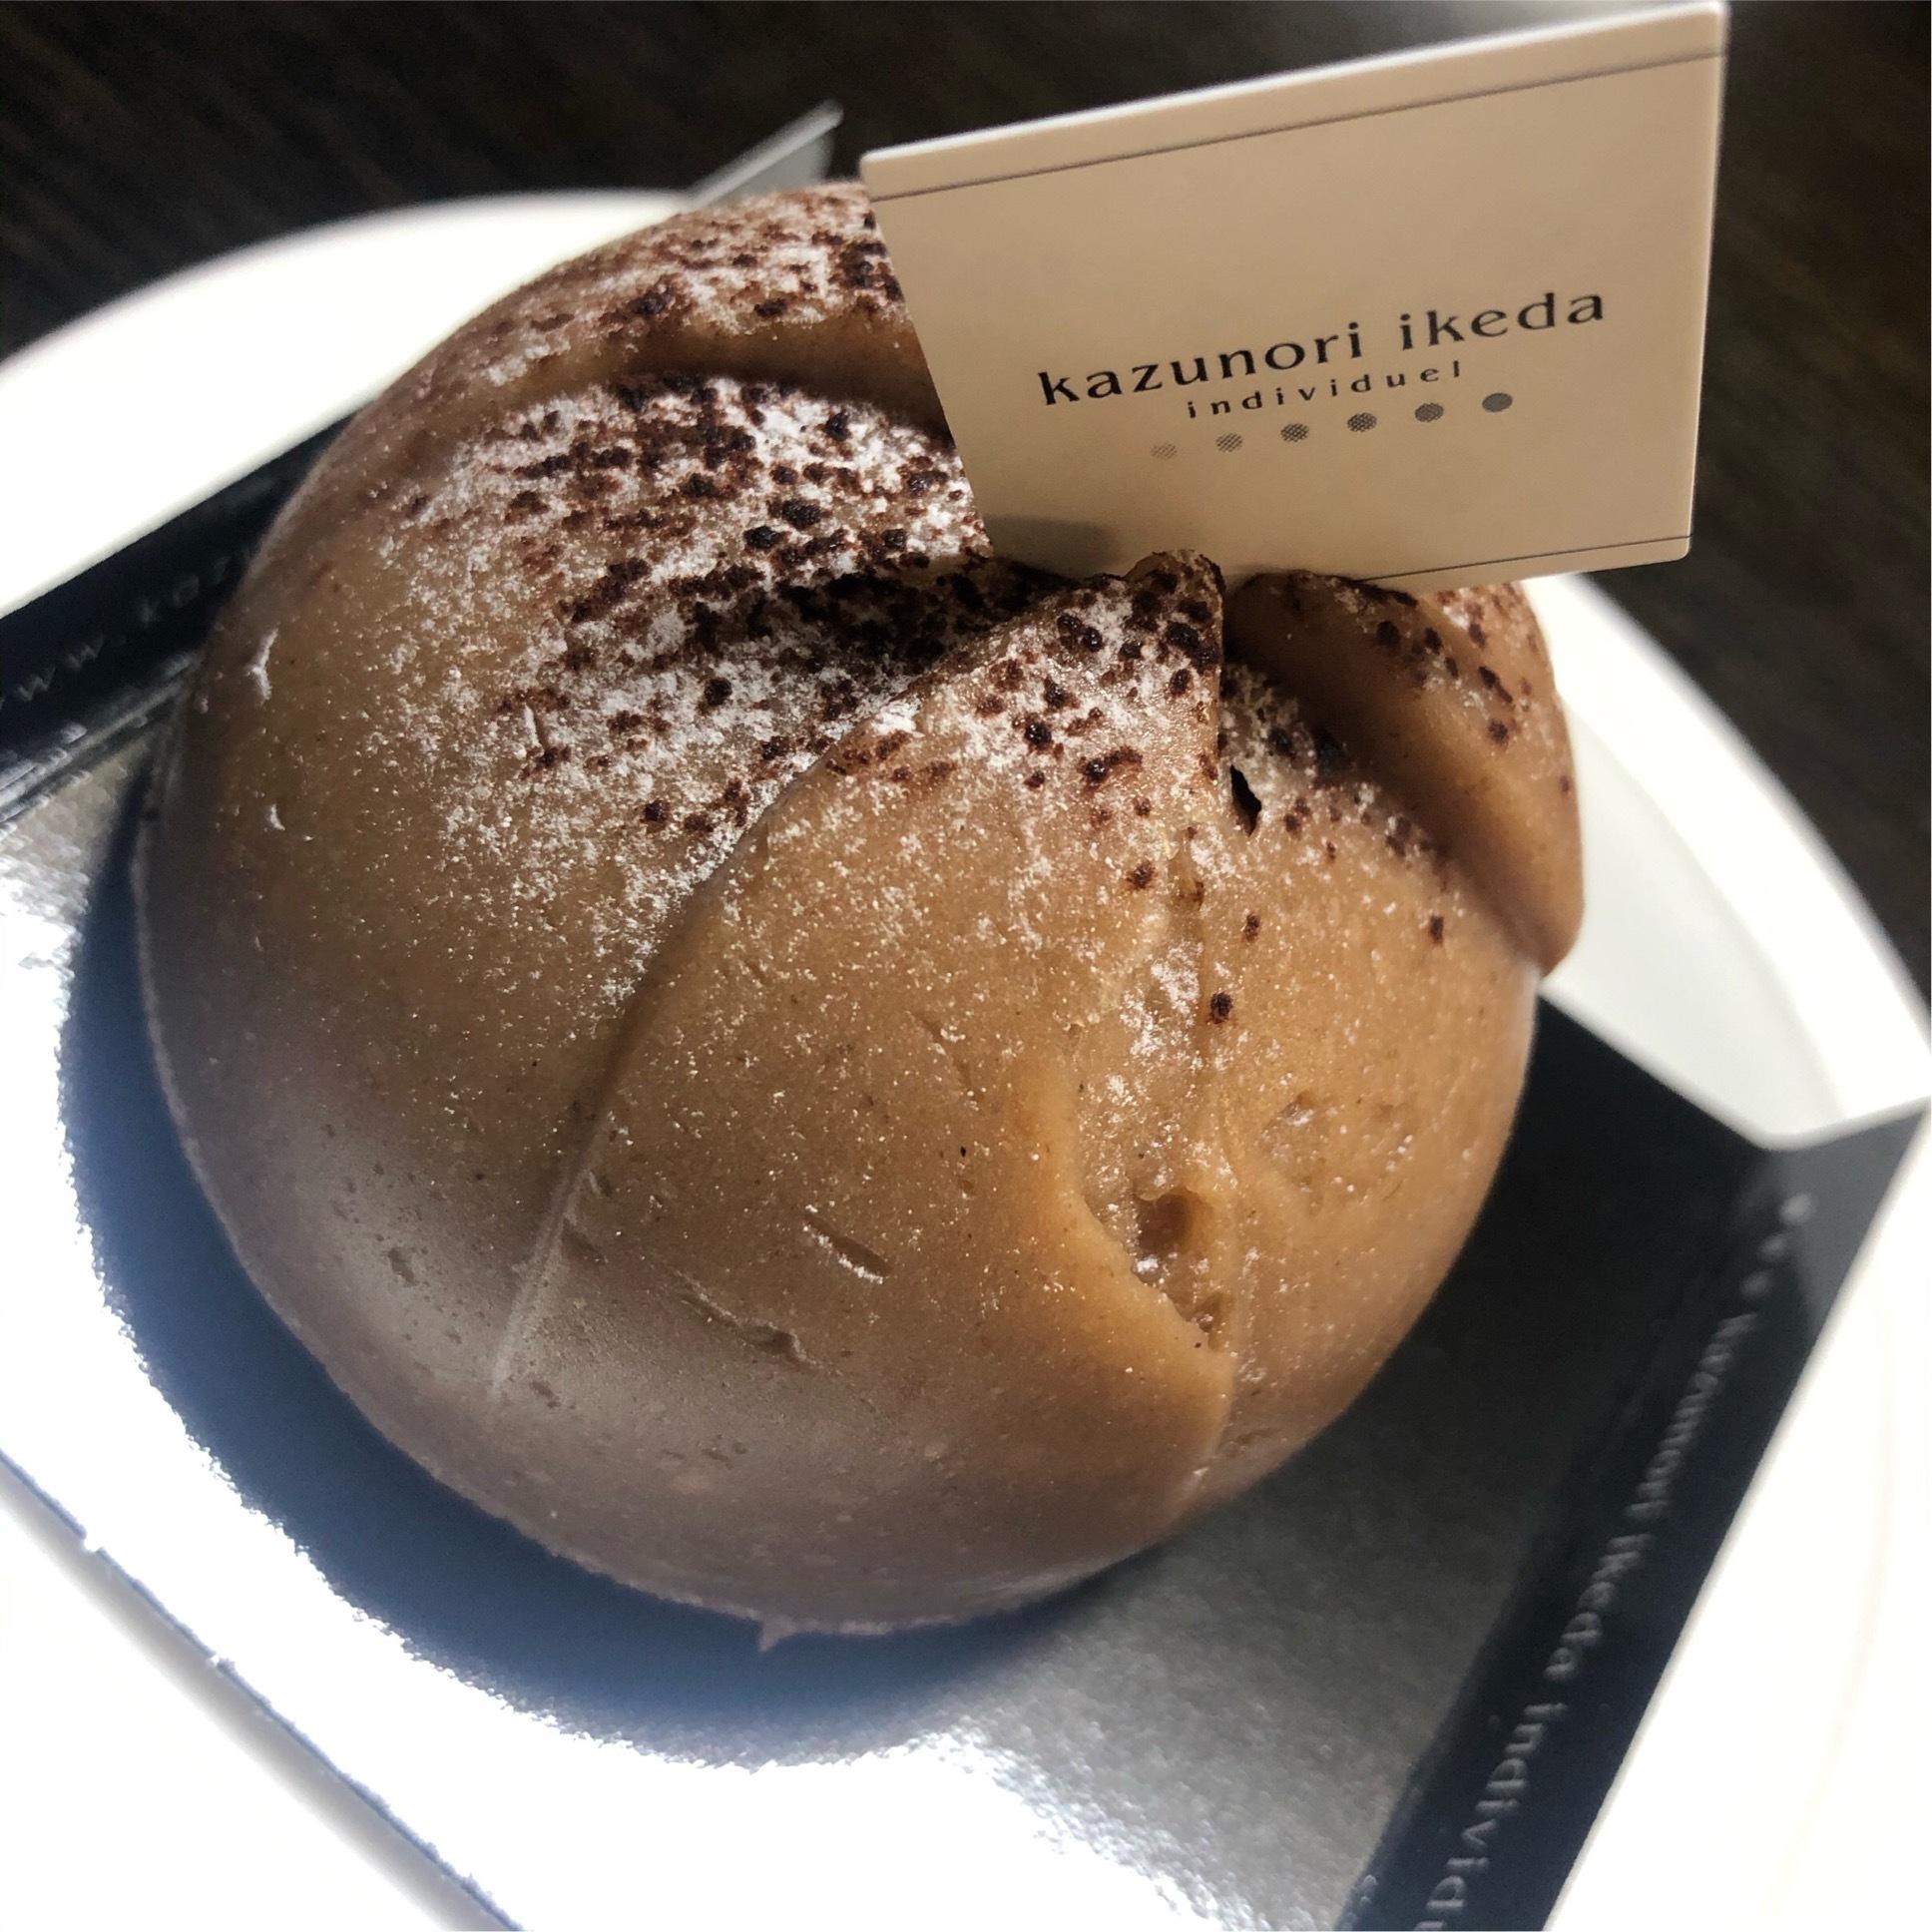 【仙台発】限定ケーキが美しすぎる、、!_1_2-2